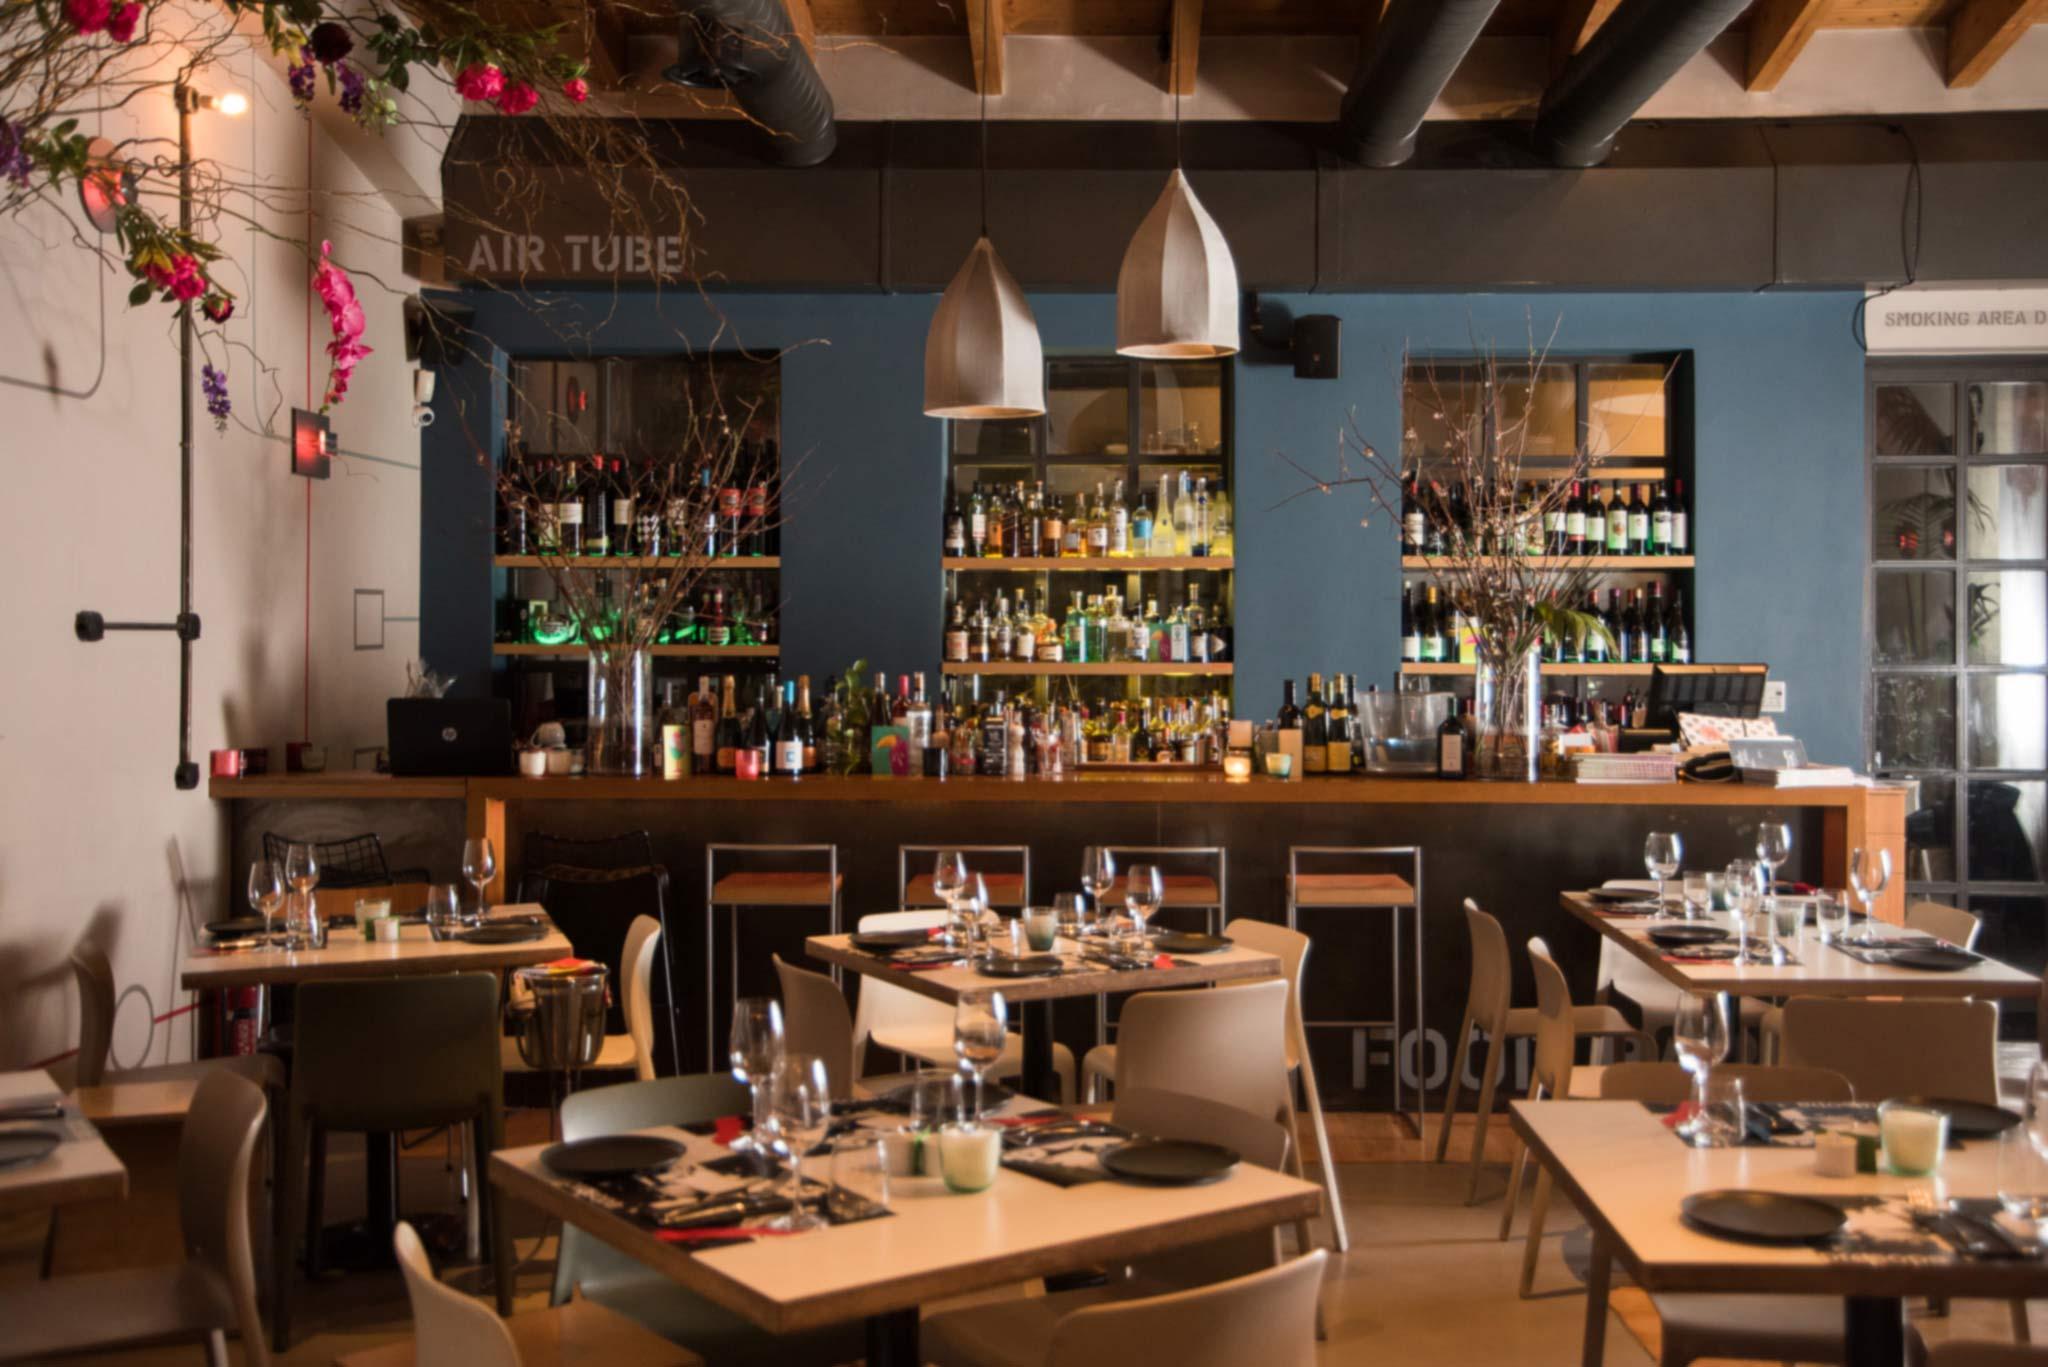 Prosopa restaurant Athens Gazi Greece Modern Mediterranean Cuisine seafood meat texnopolis Μεσογειακό εστιατόριο Αθήνα Γκάζι